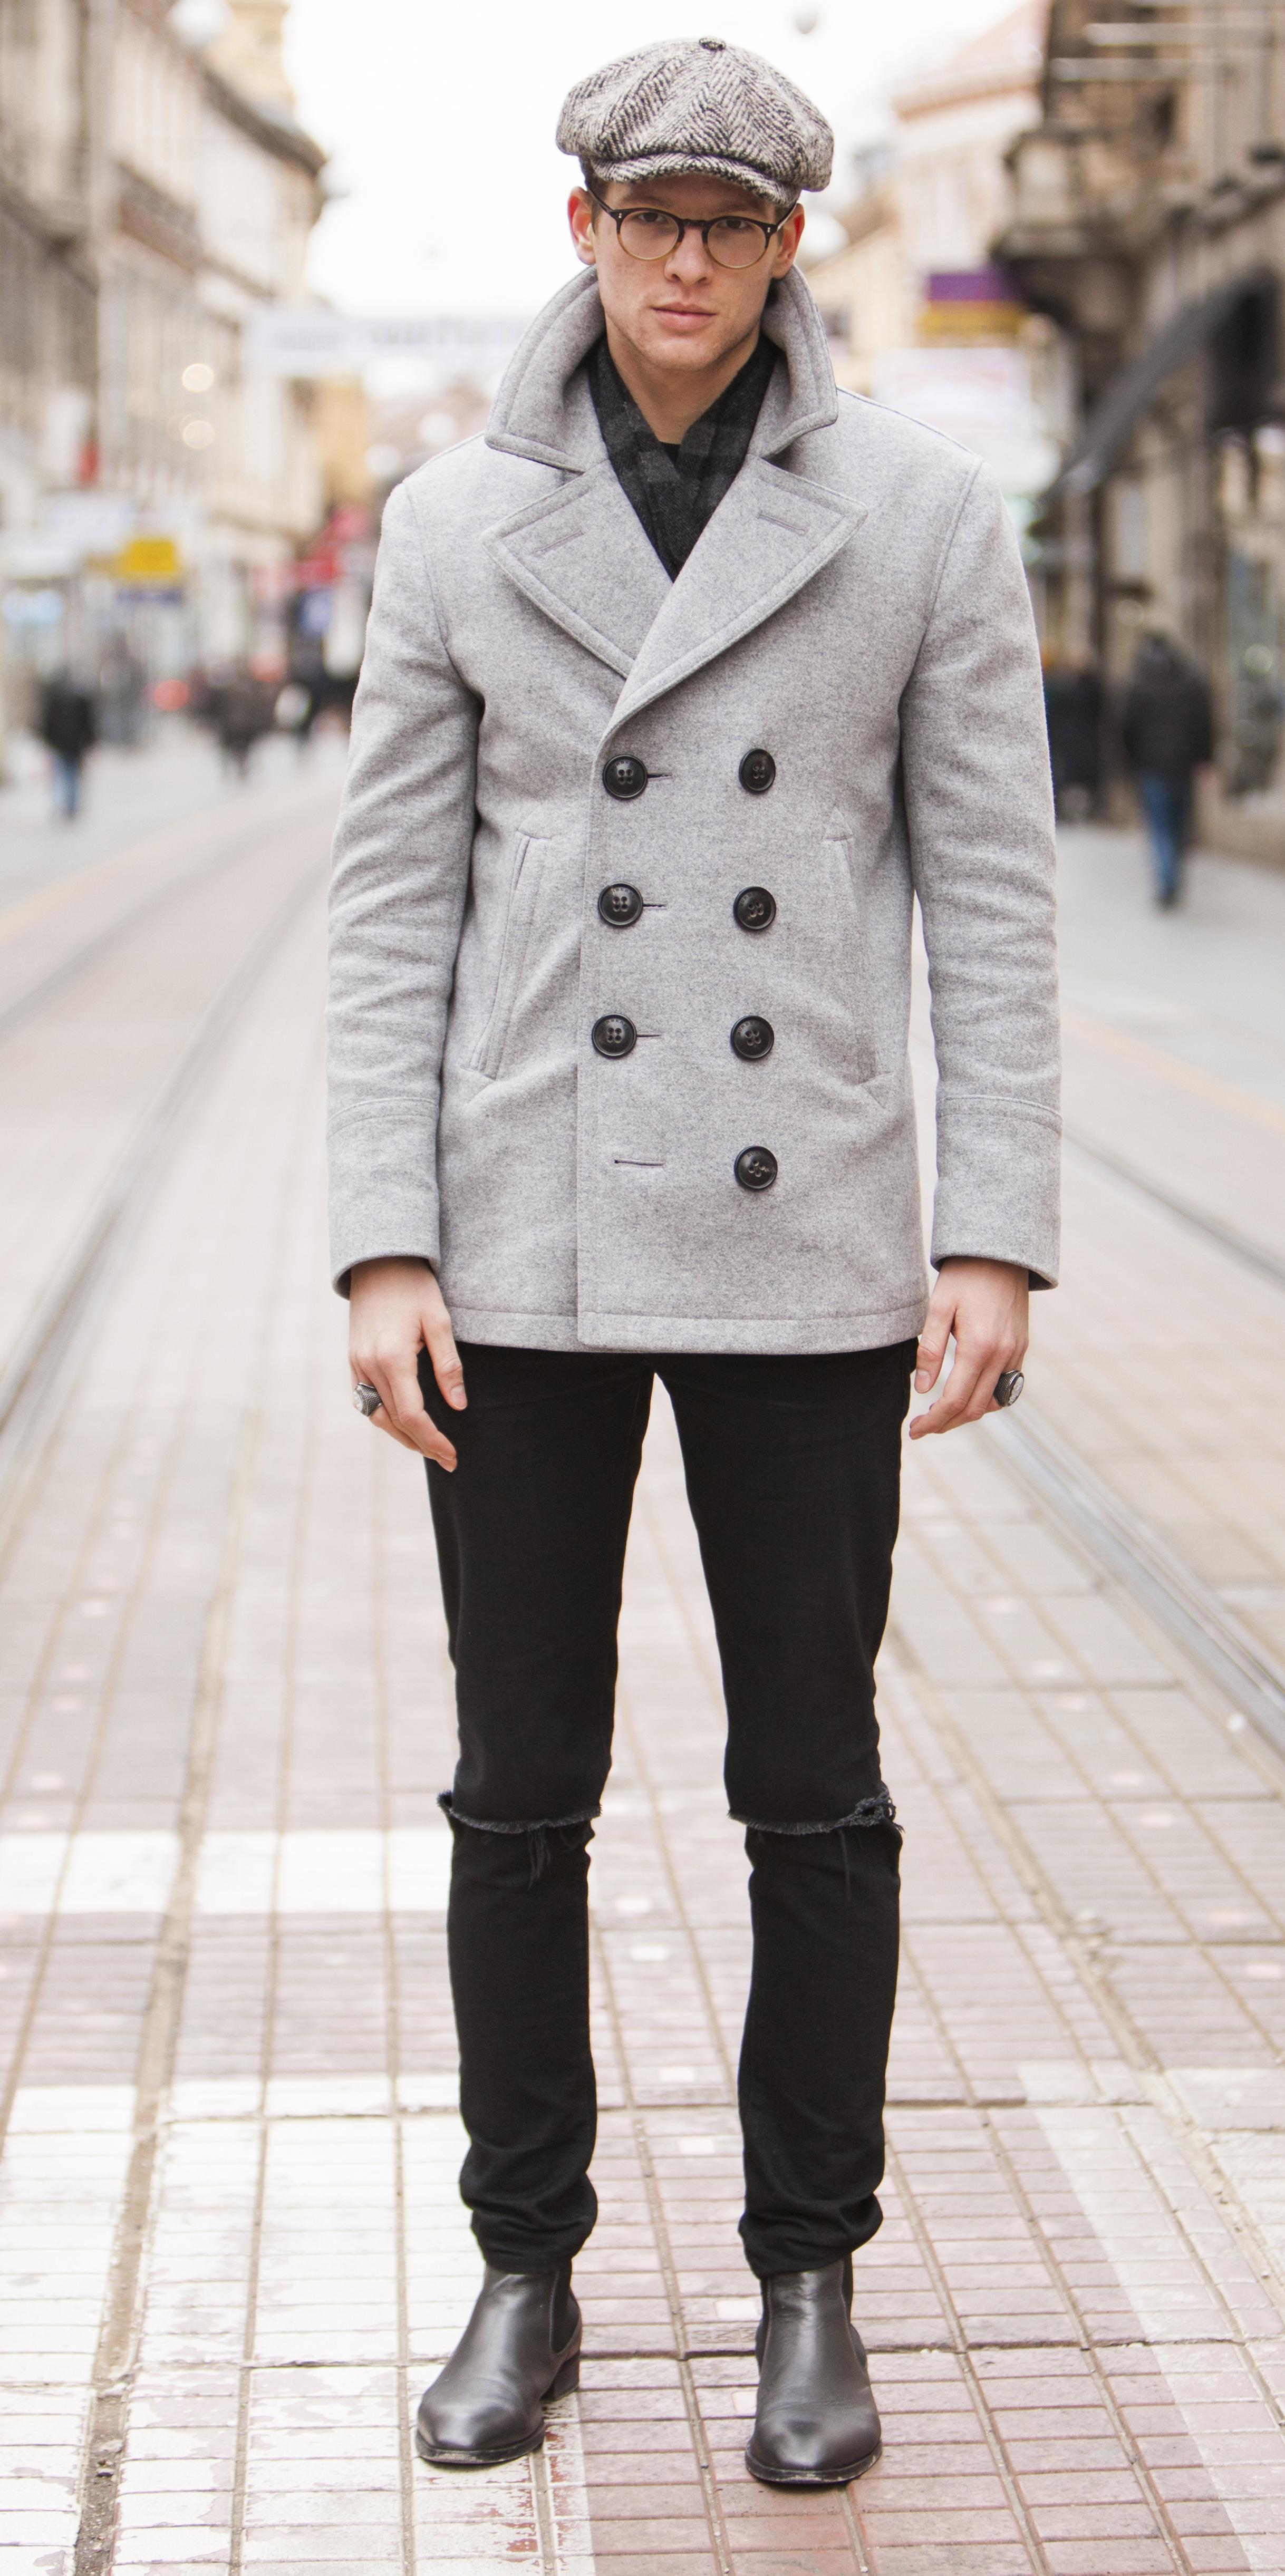 Ovaj frajer zna puno o modi i to je uklopio u vlastiti stil!